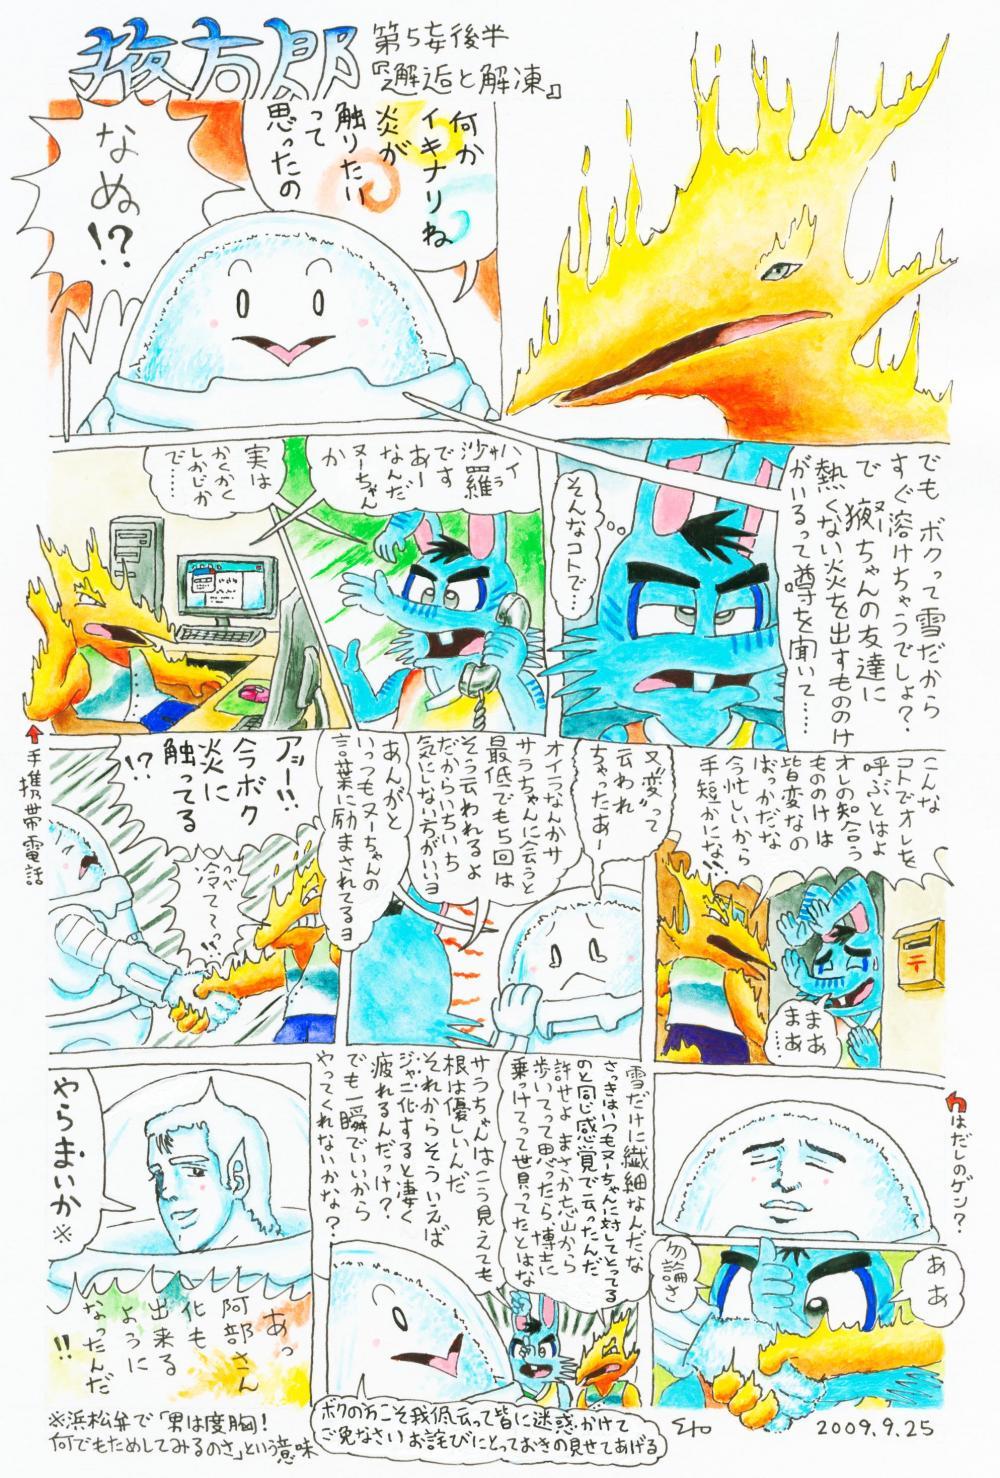 鬼目羅の犭夜太郎(鵺太郎)(5)後半 2009/9/25